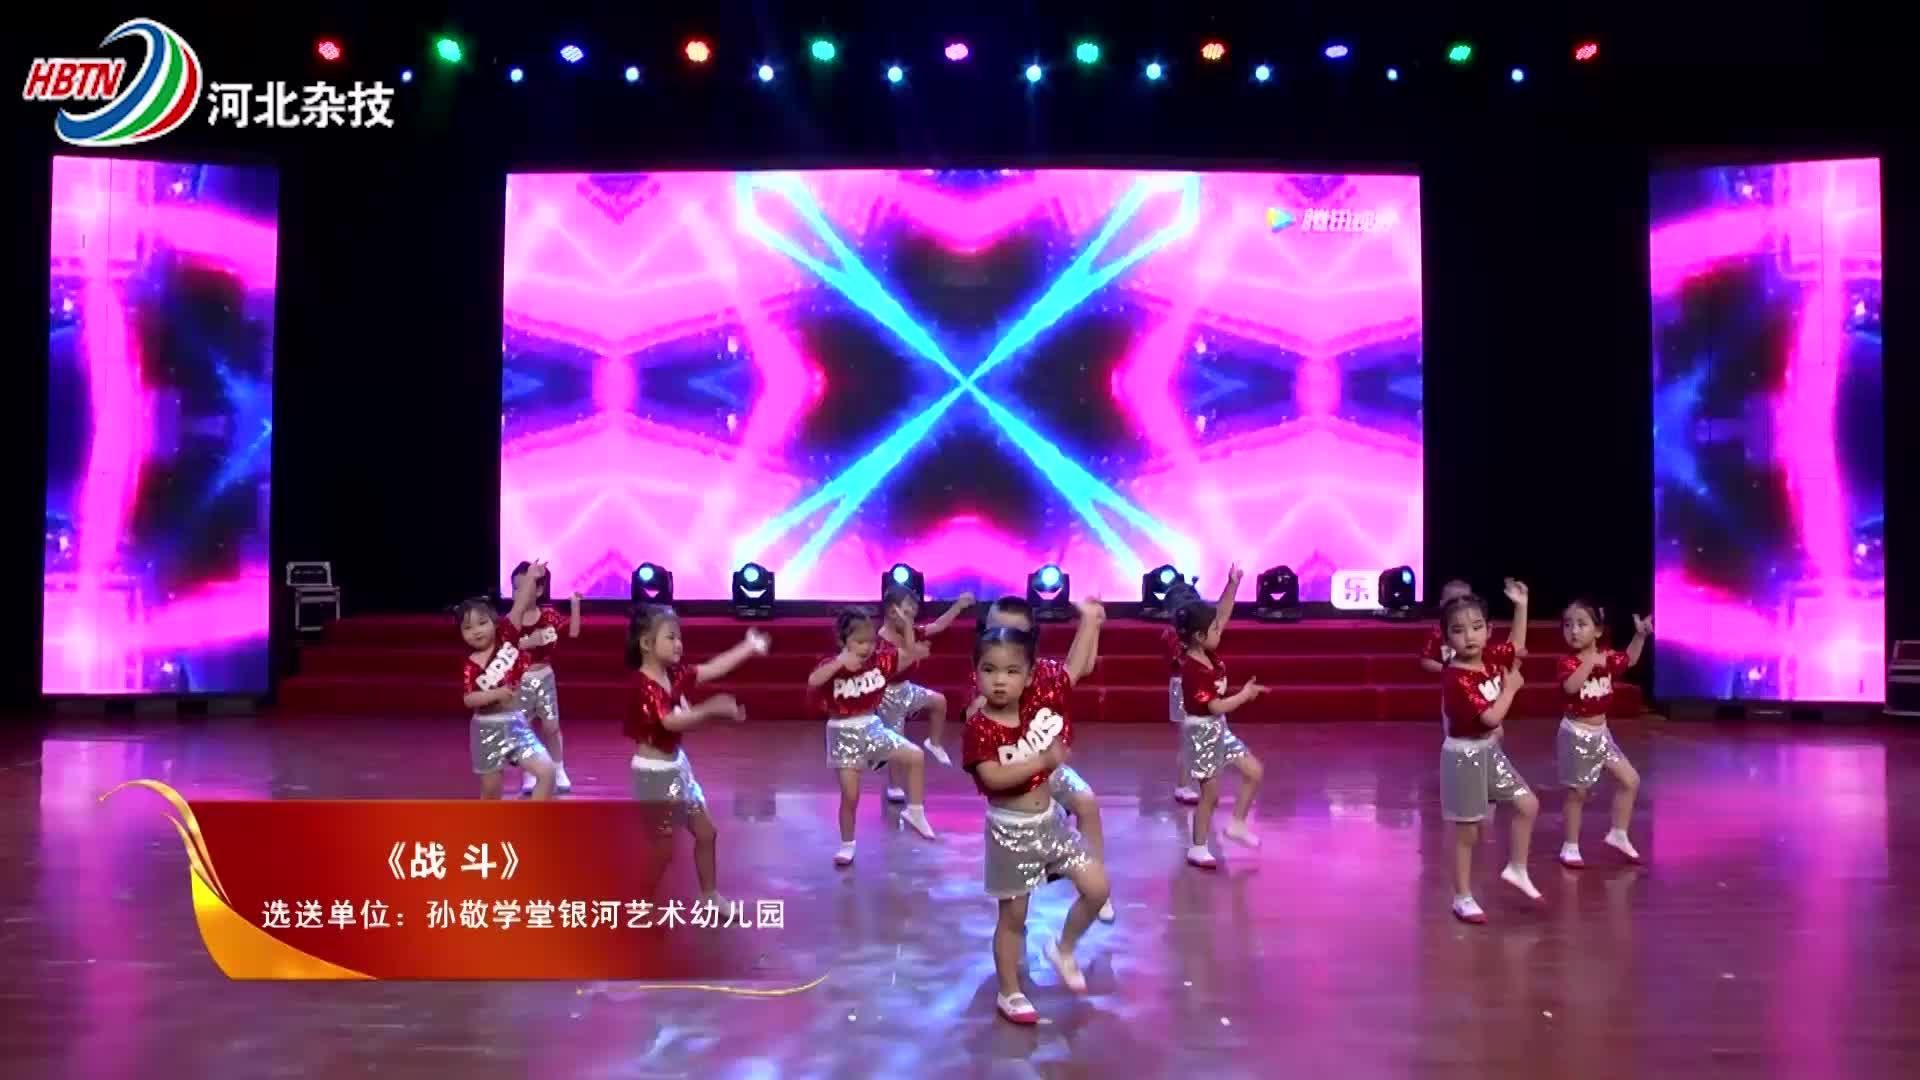 孩子们表演《战斗》,舞蹈功底精湛,让人目不转睛!